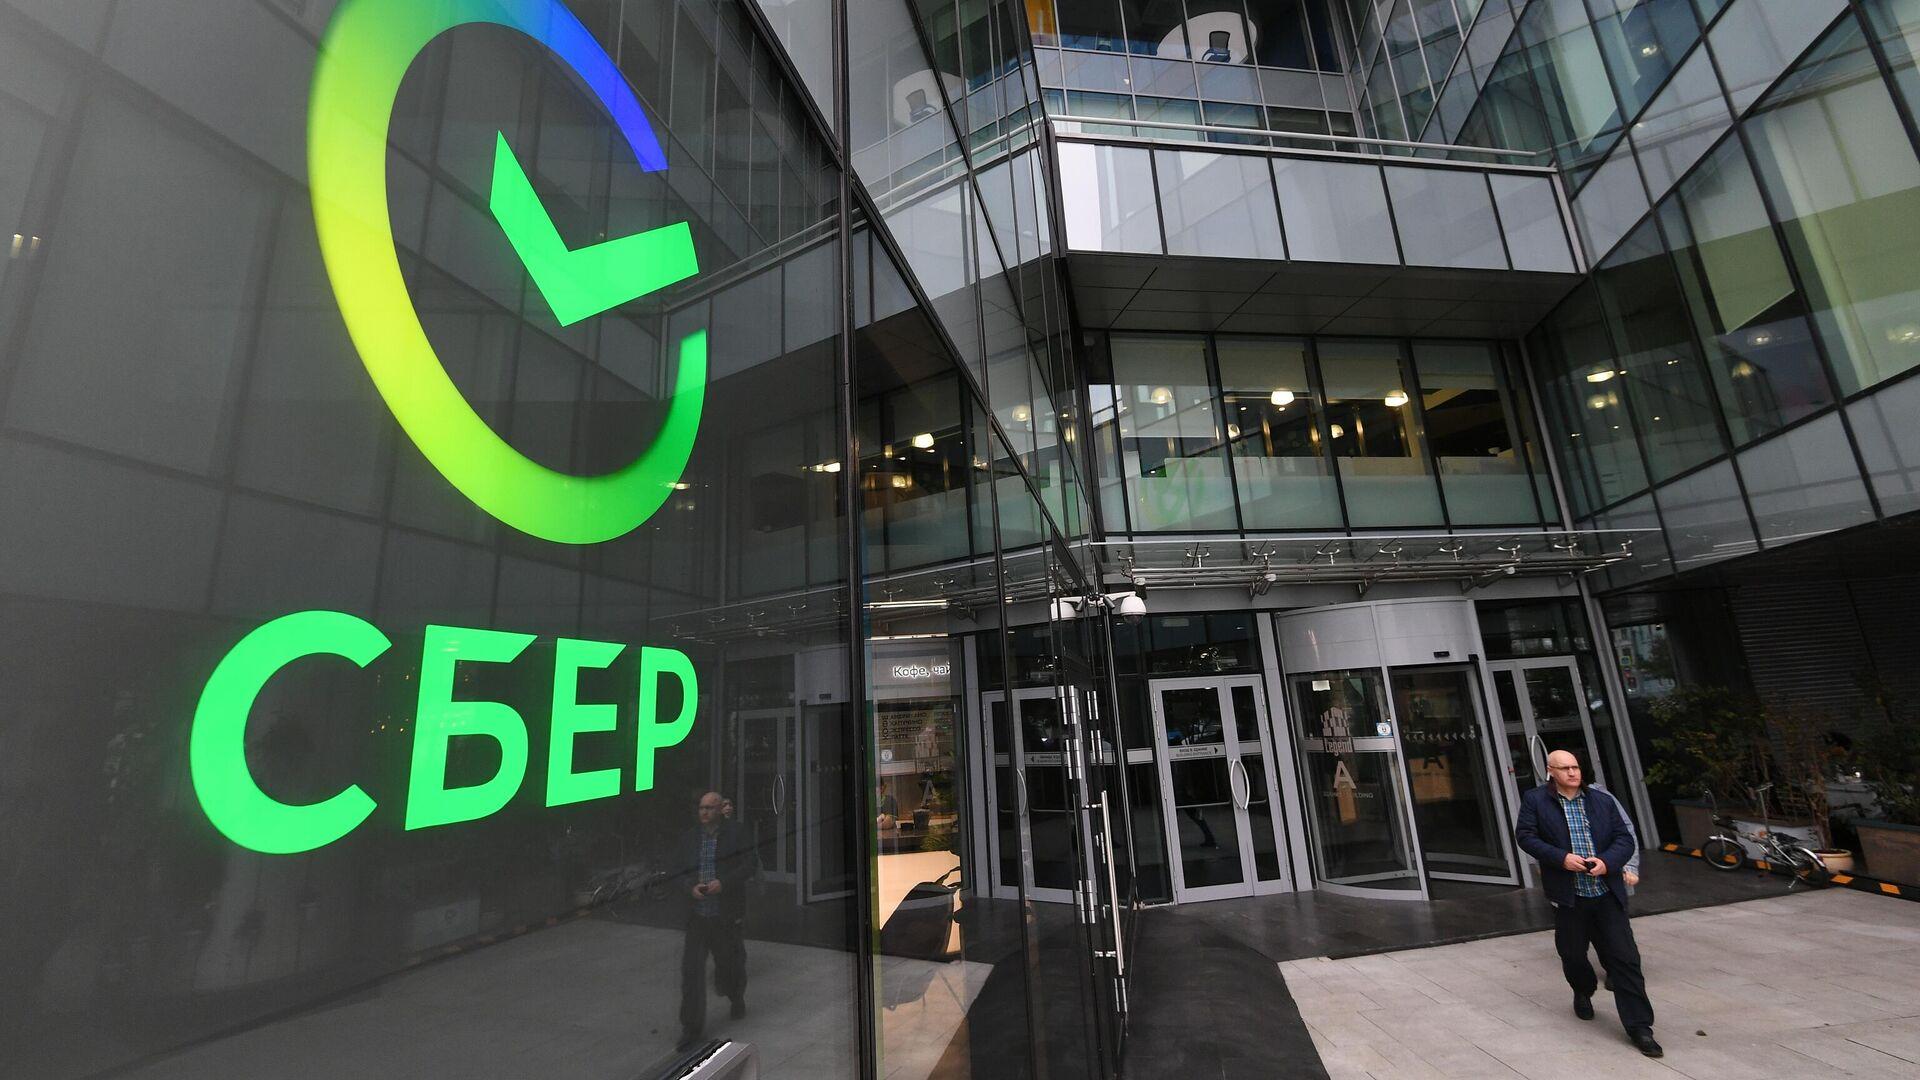 Первый офис Сбербанка в новом формате, открывшийся на Цветном бульваре в Москве - РИА Новости, 1920, 28.05.2021